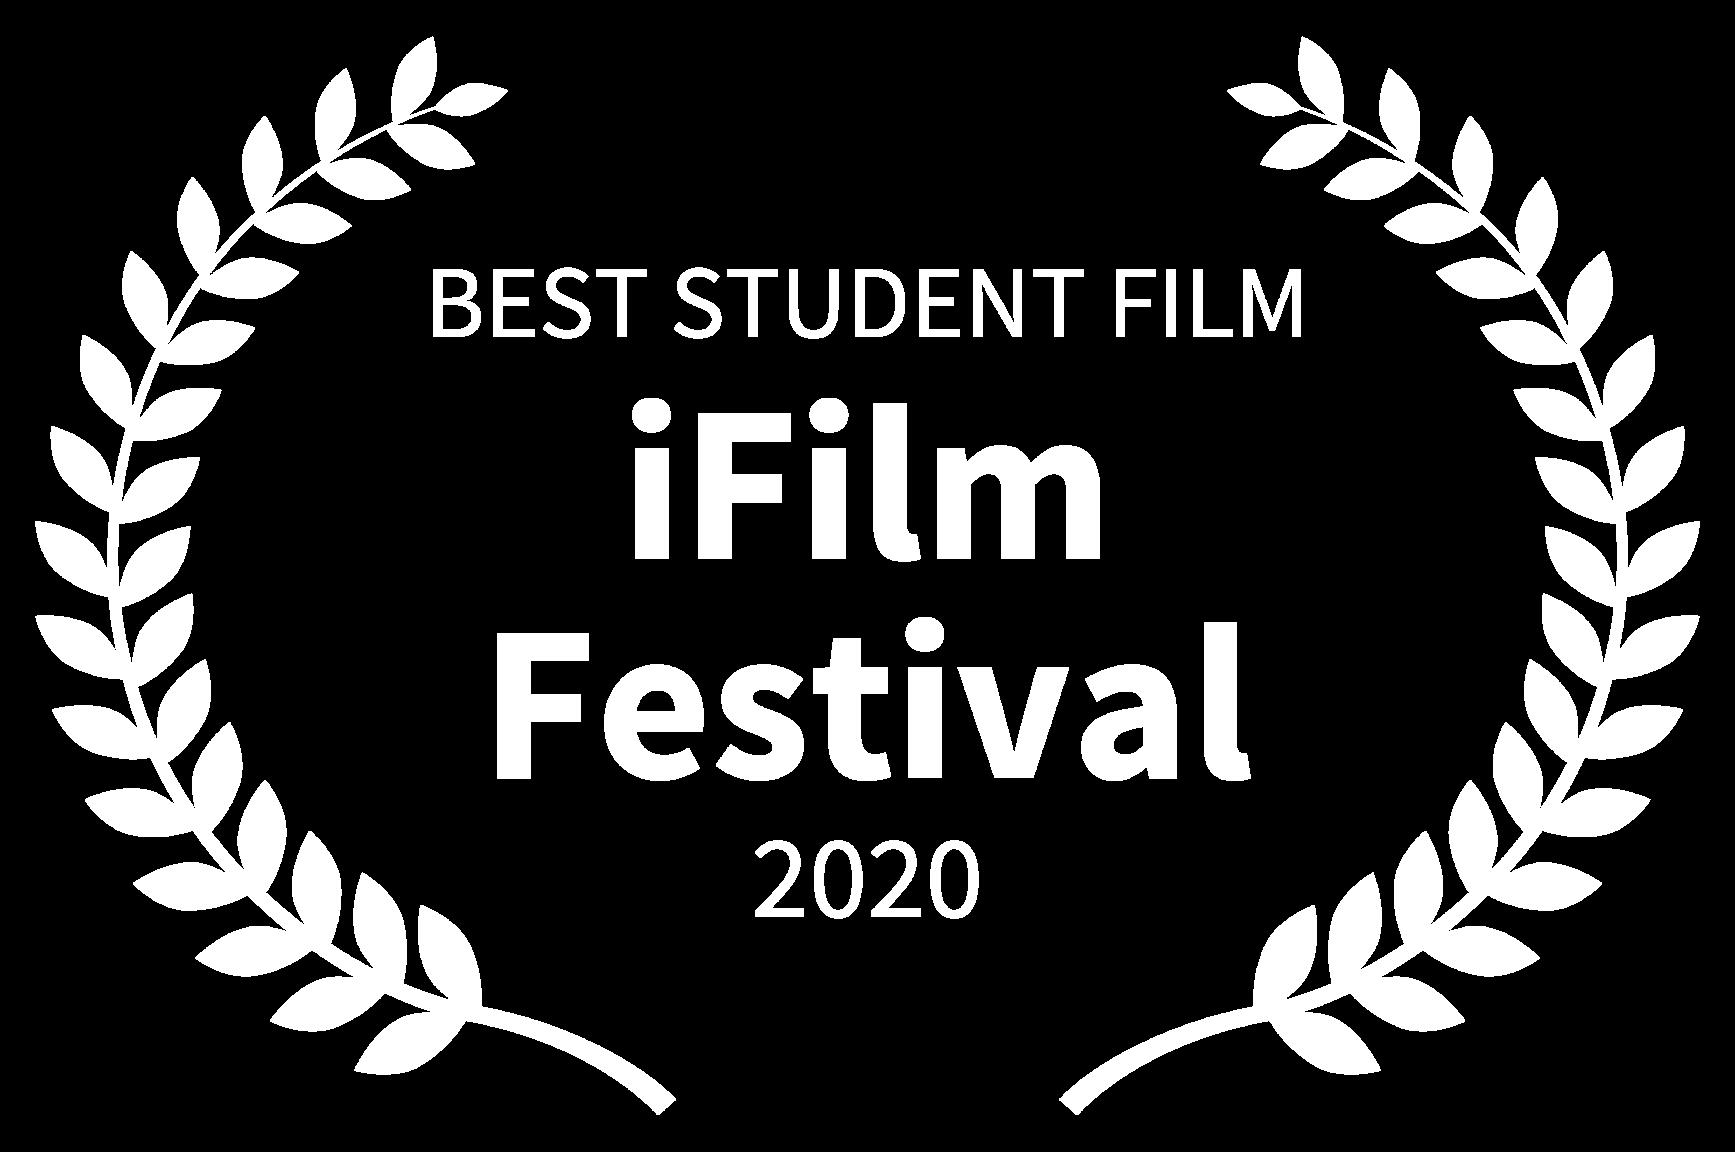 BEST STUDENT FILM - iFilm Festival